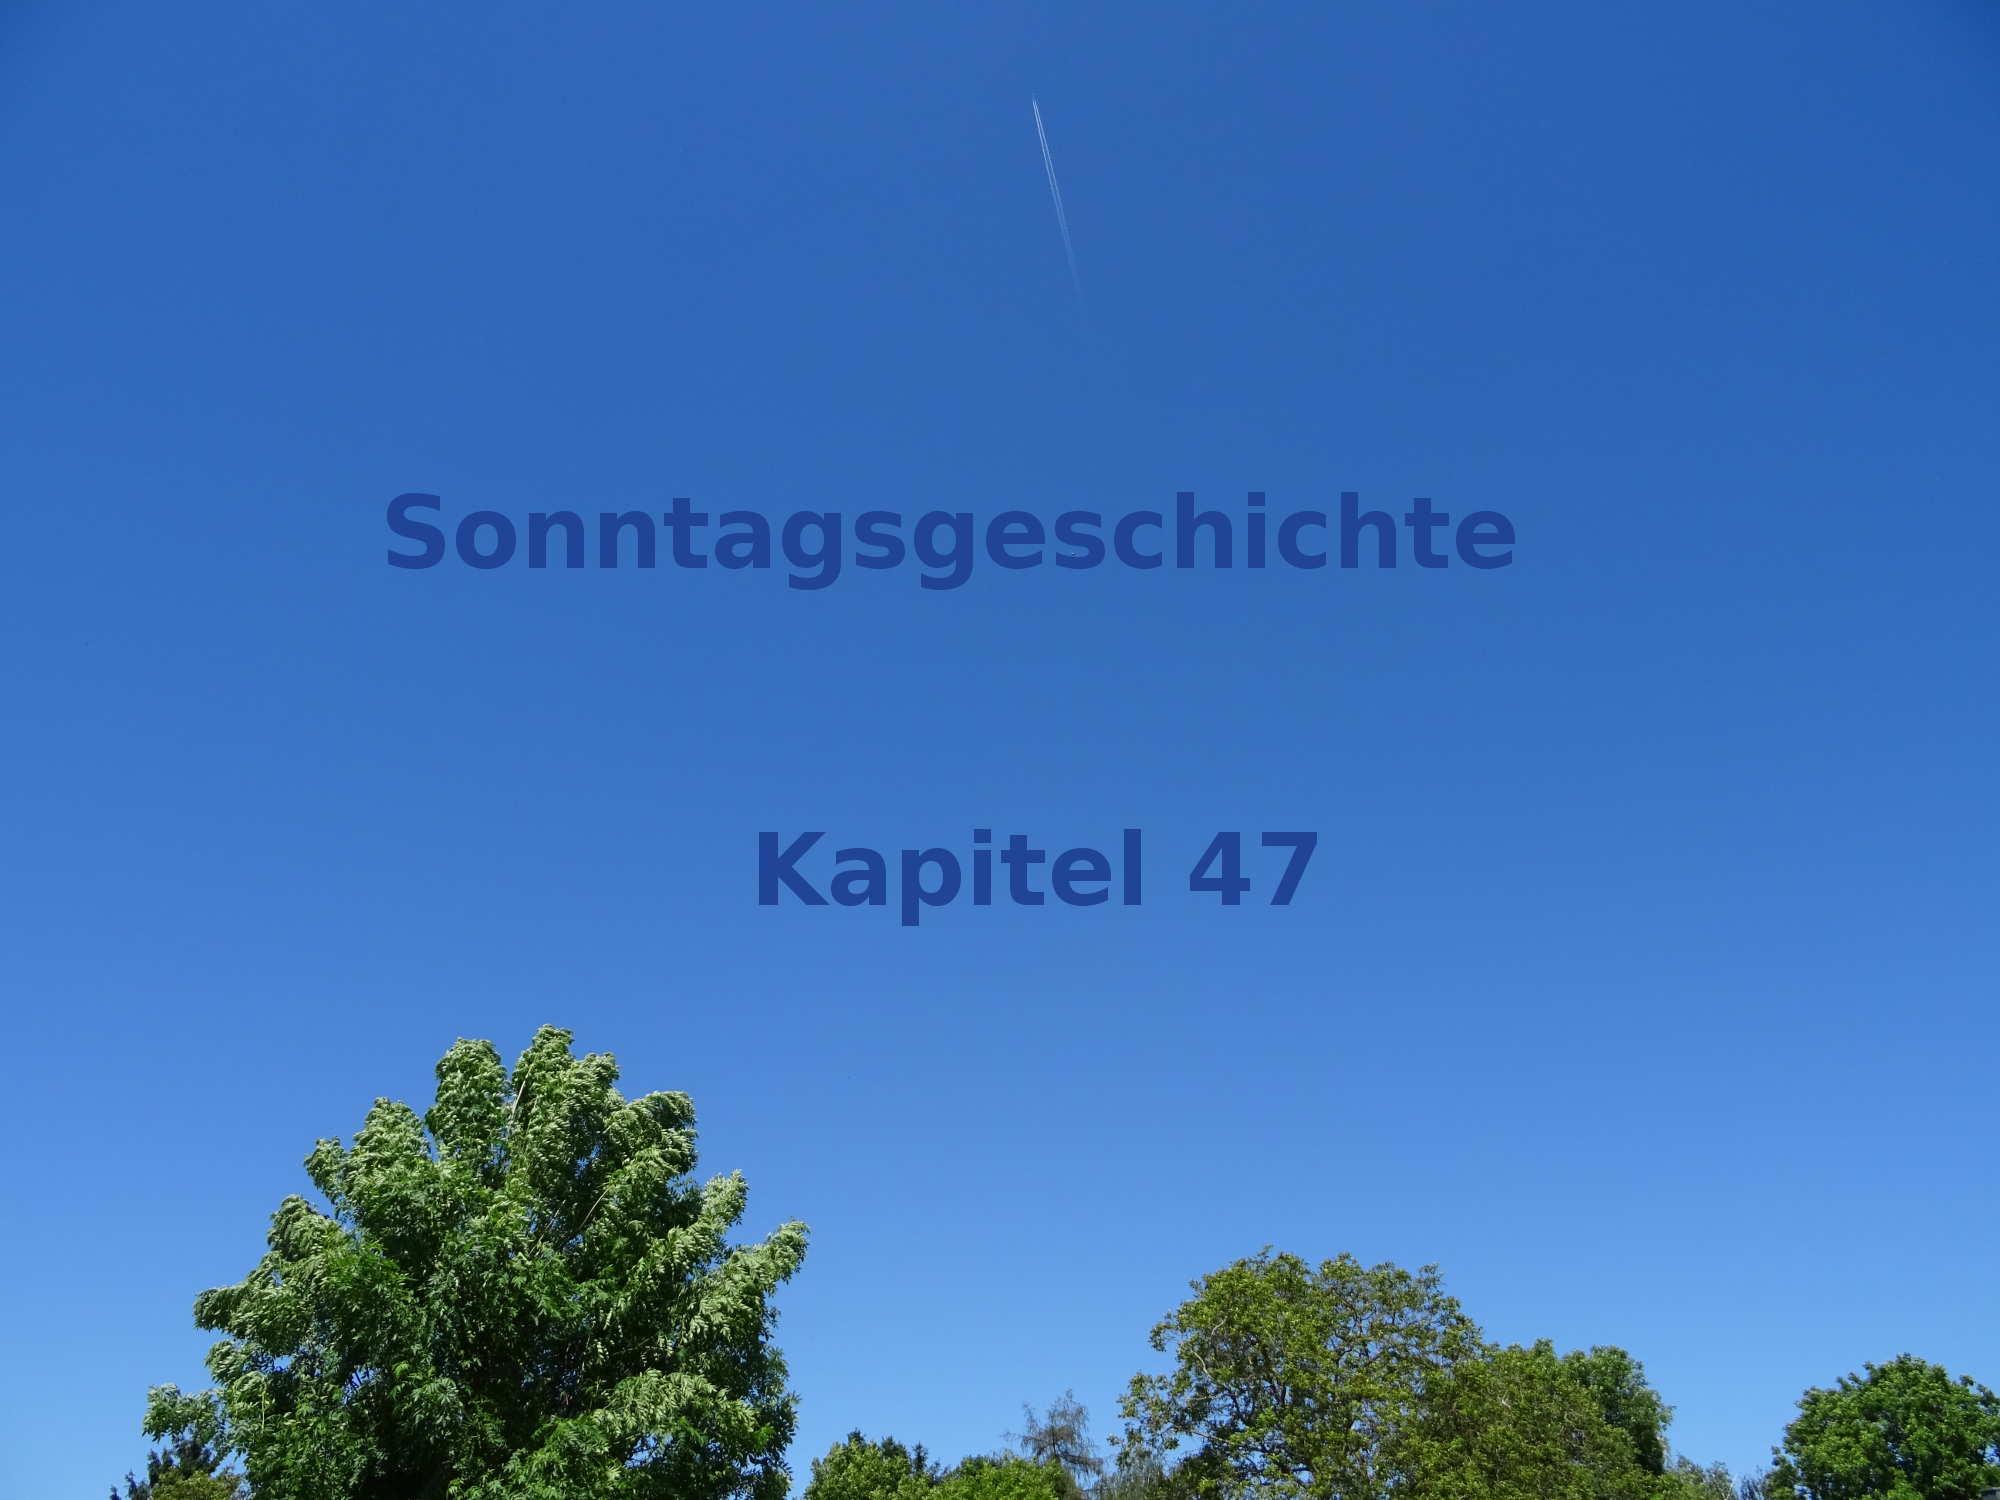 Blogroman Sonntagsgeschichte Kapitel 47 - Zwerge